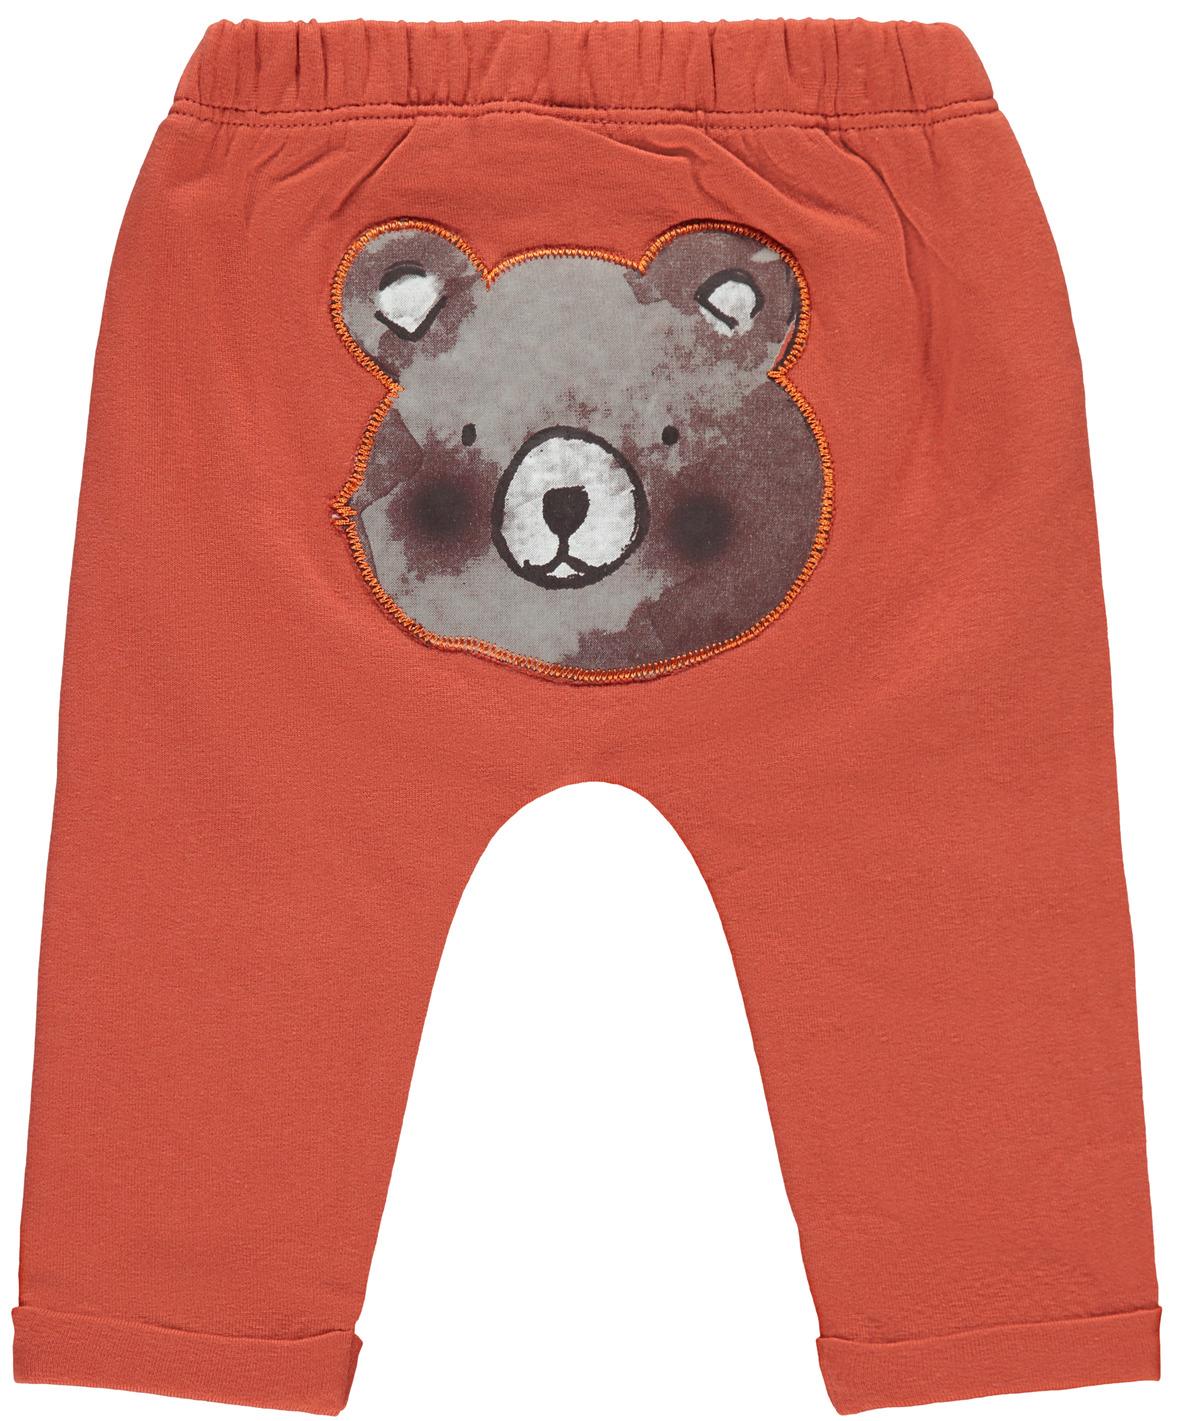 Bukse med bamse bak